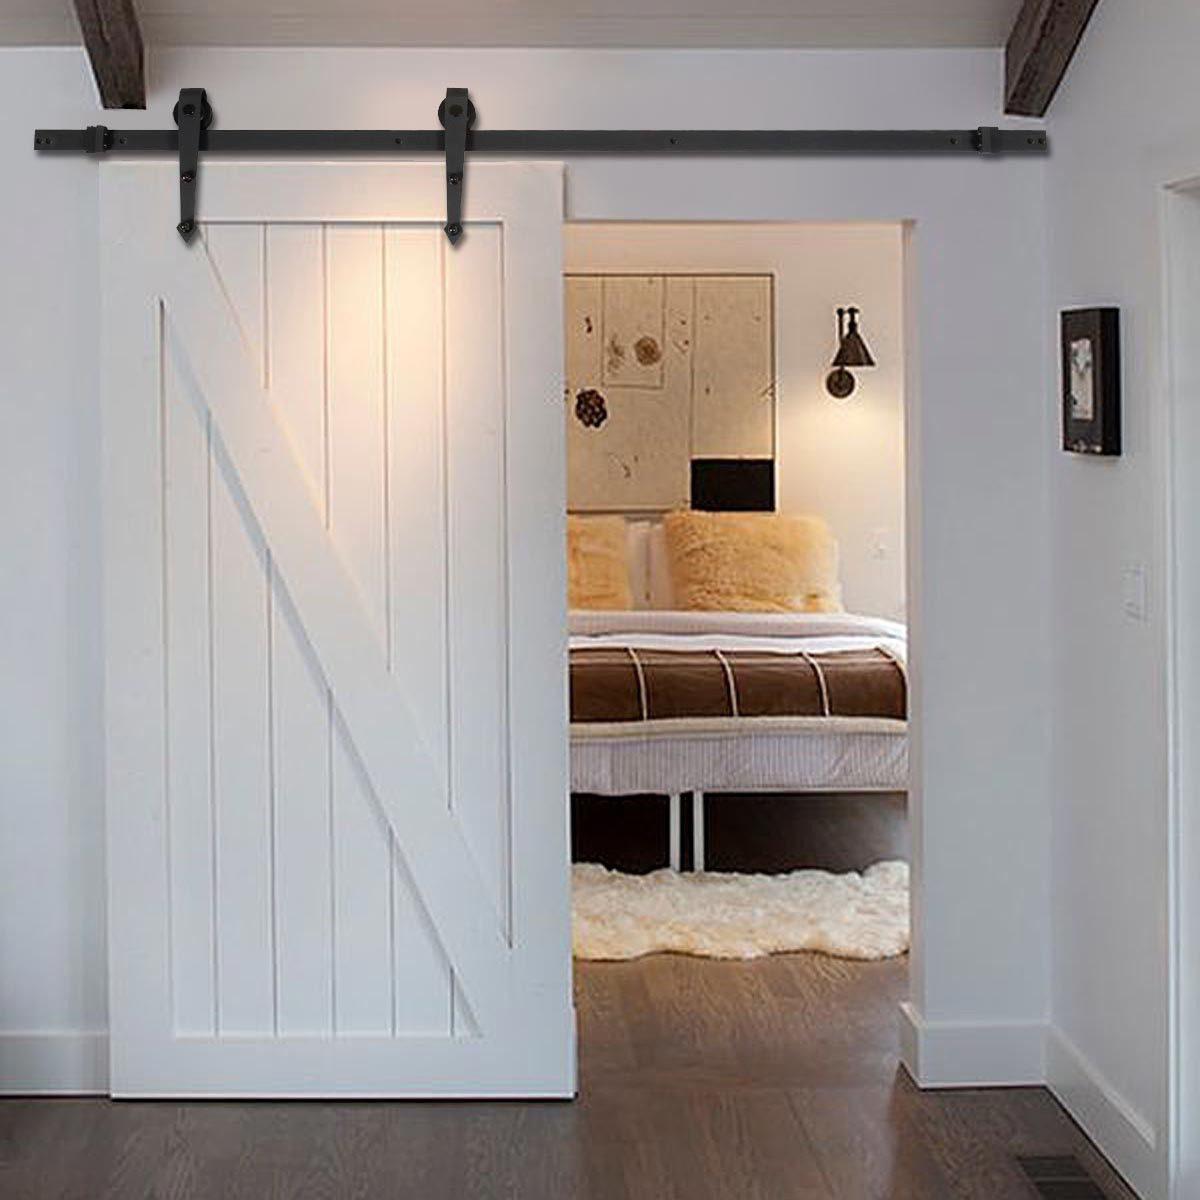 Libreria Scorrevole Fai Da Te consigli per realizzare una porta scorrevole in legno 1 - l